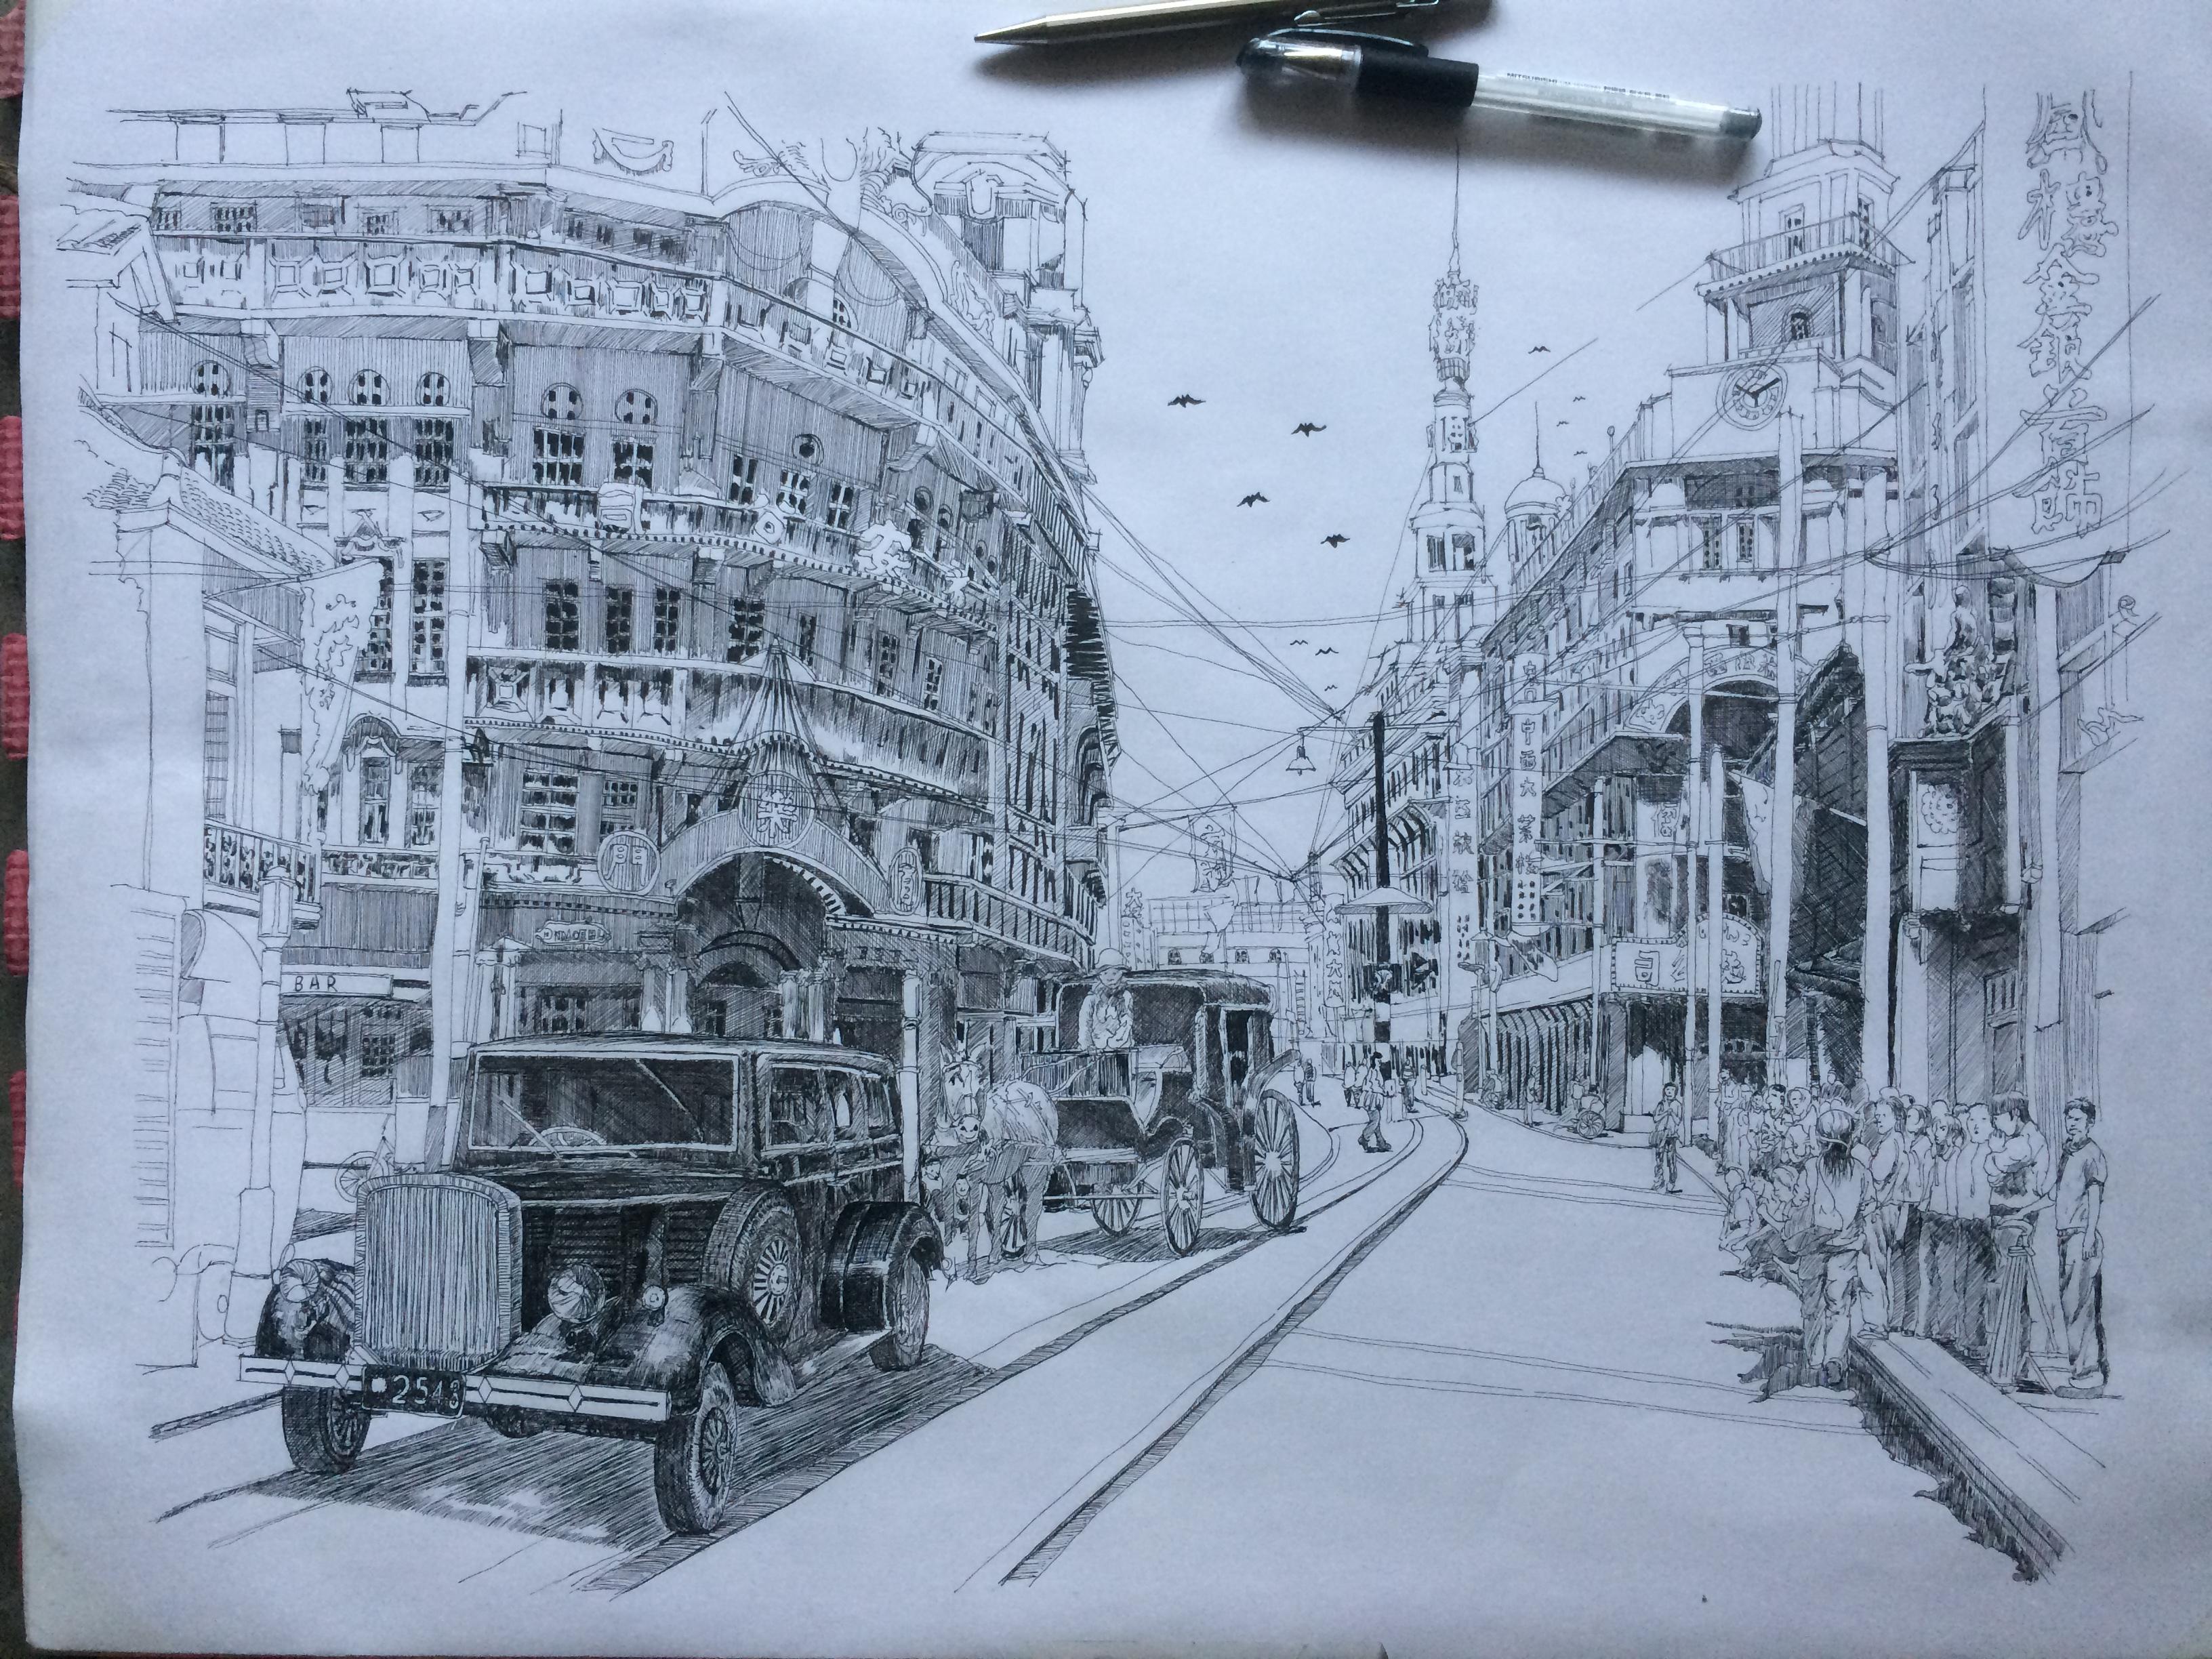 建筑手绘|纯艺术|钢笔画|凌海 - 原创作品 - 站酷